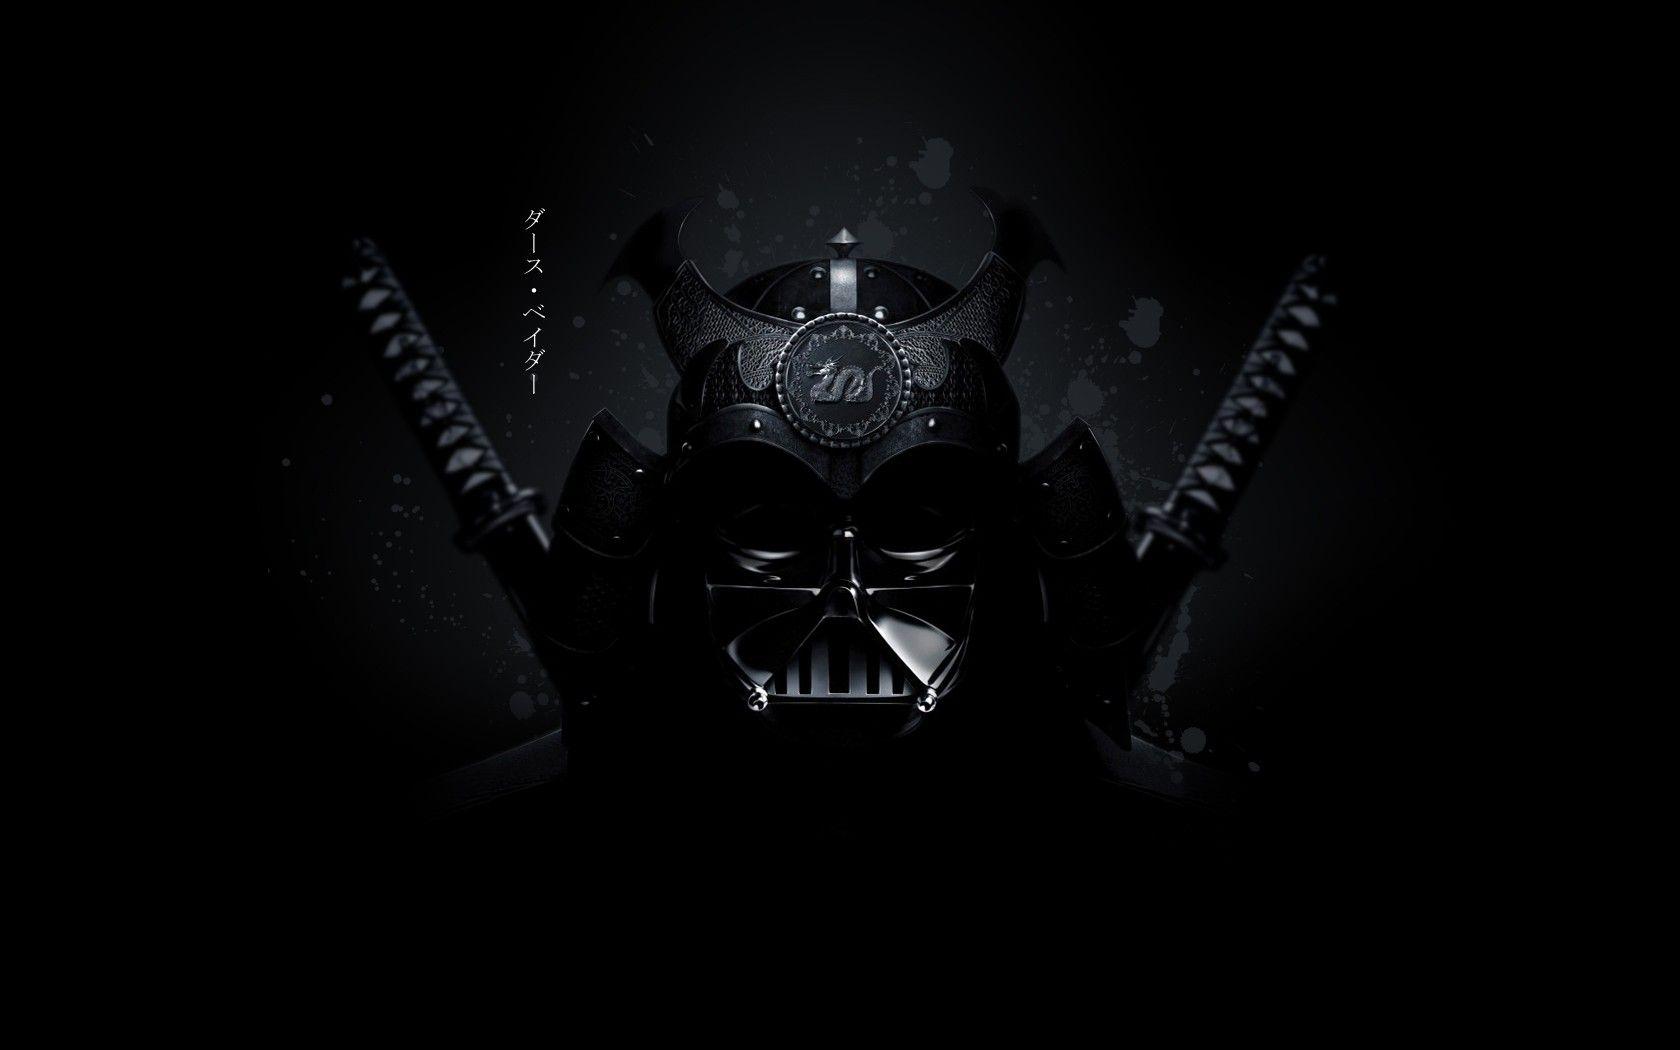 Star Wars Darth Vader Samurai 1680x1050 Wallpaper